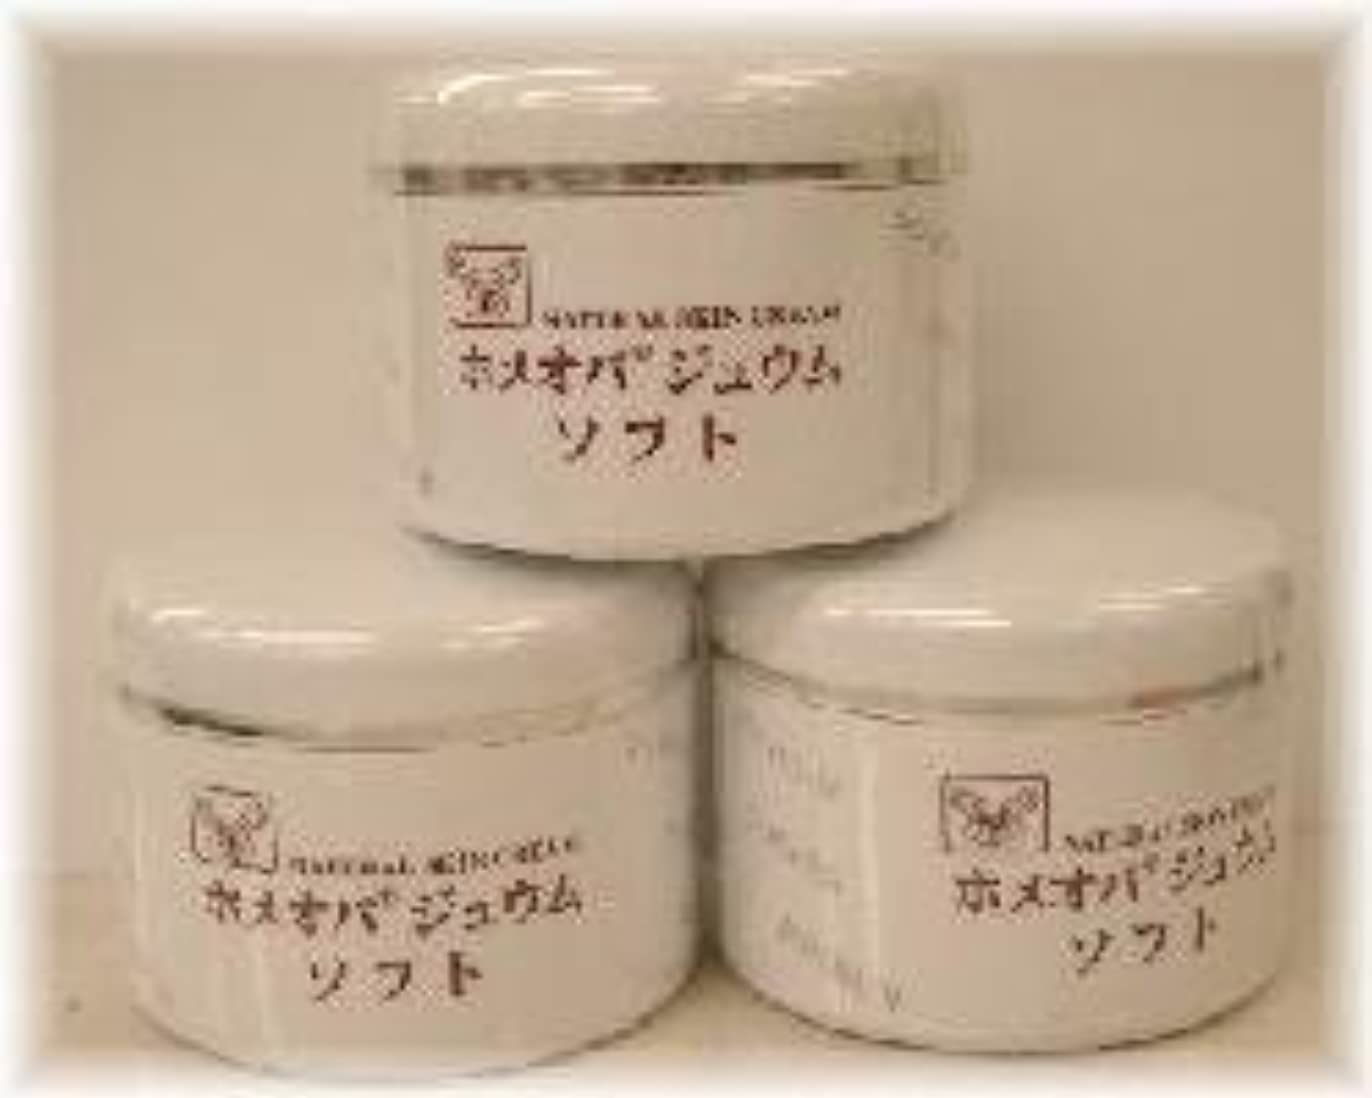 タイト聞きます息を切らしてホメオパジュウム スキンケア商品3点¥10500クリームソフトx3個